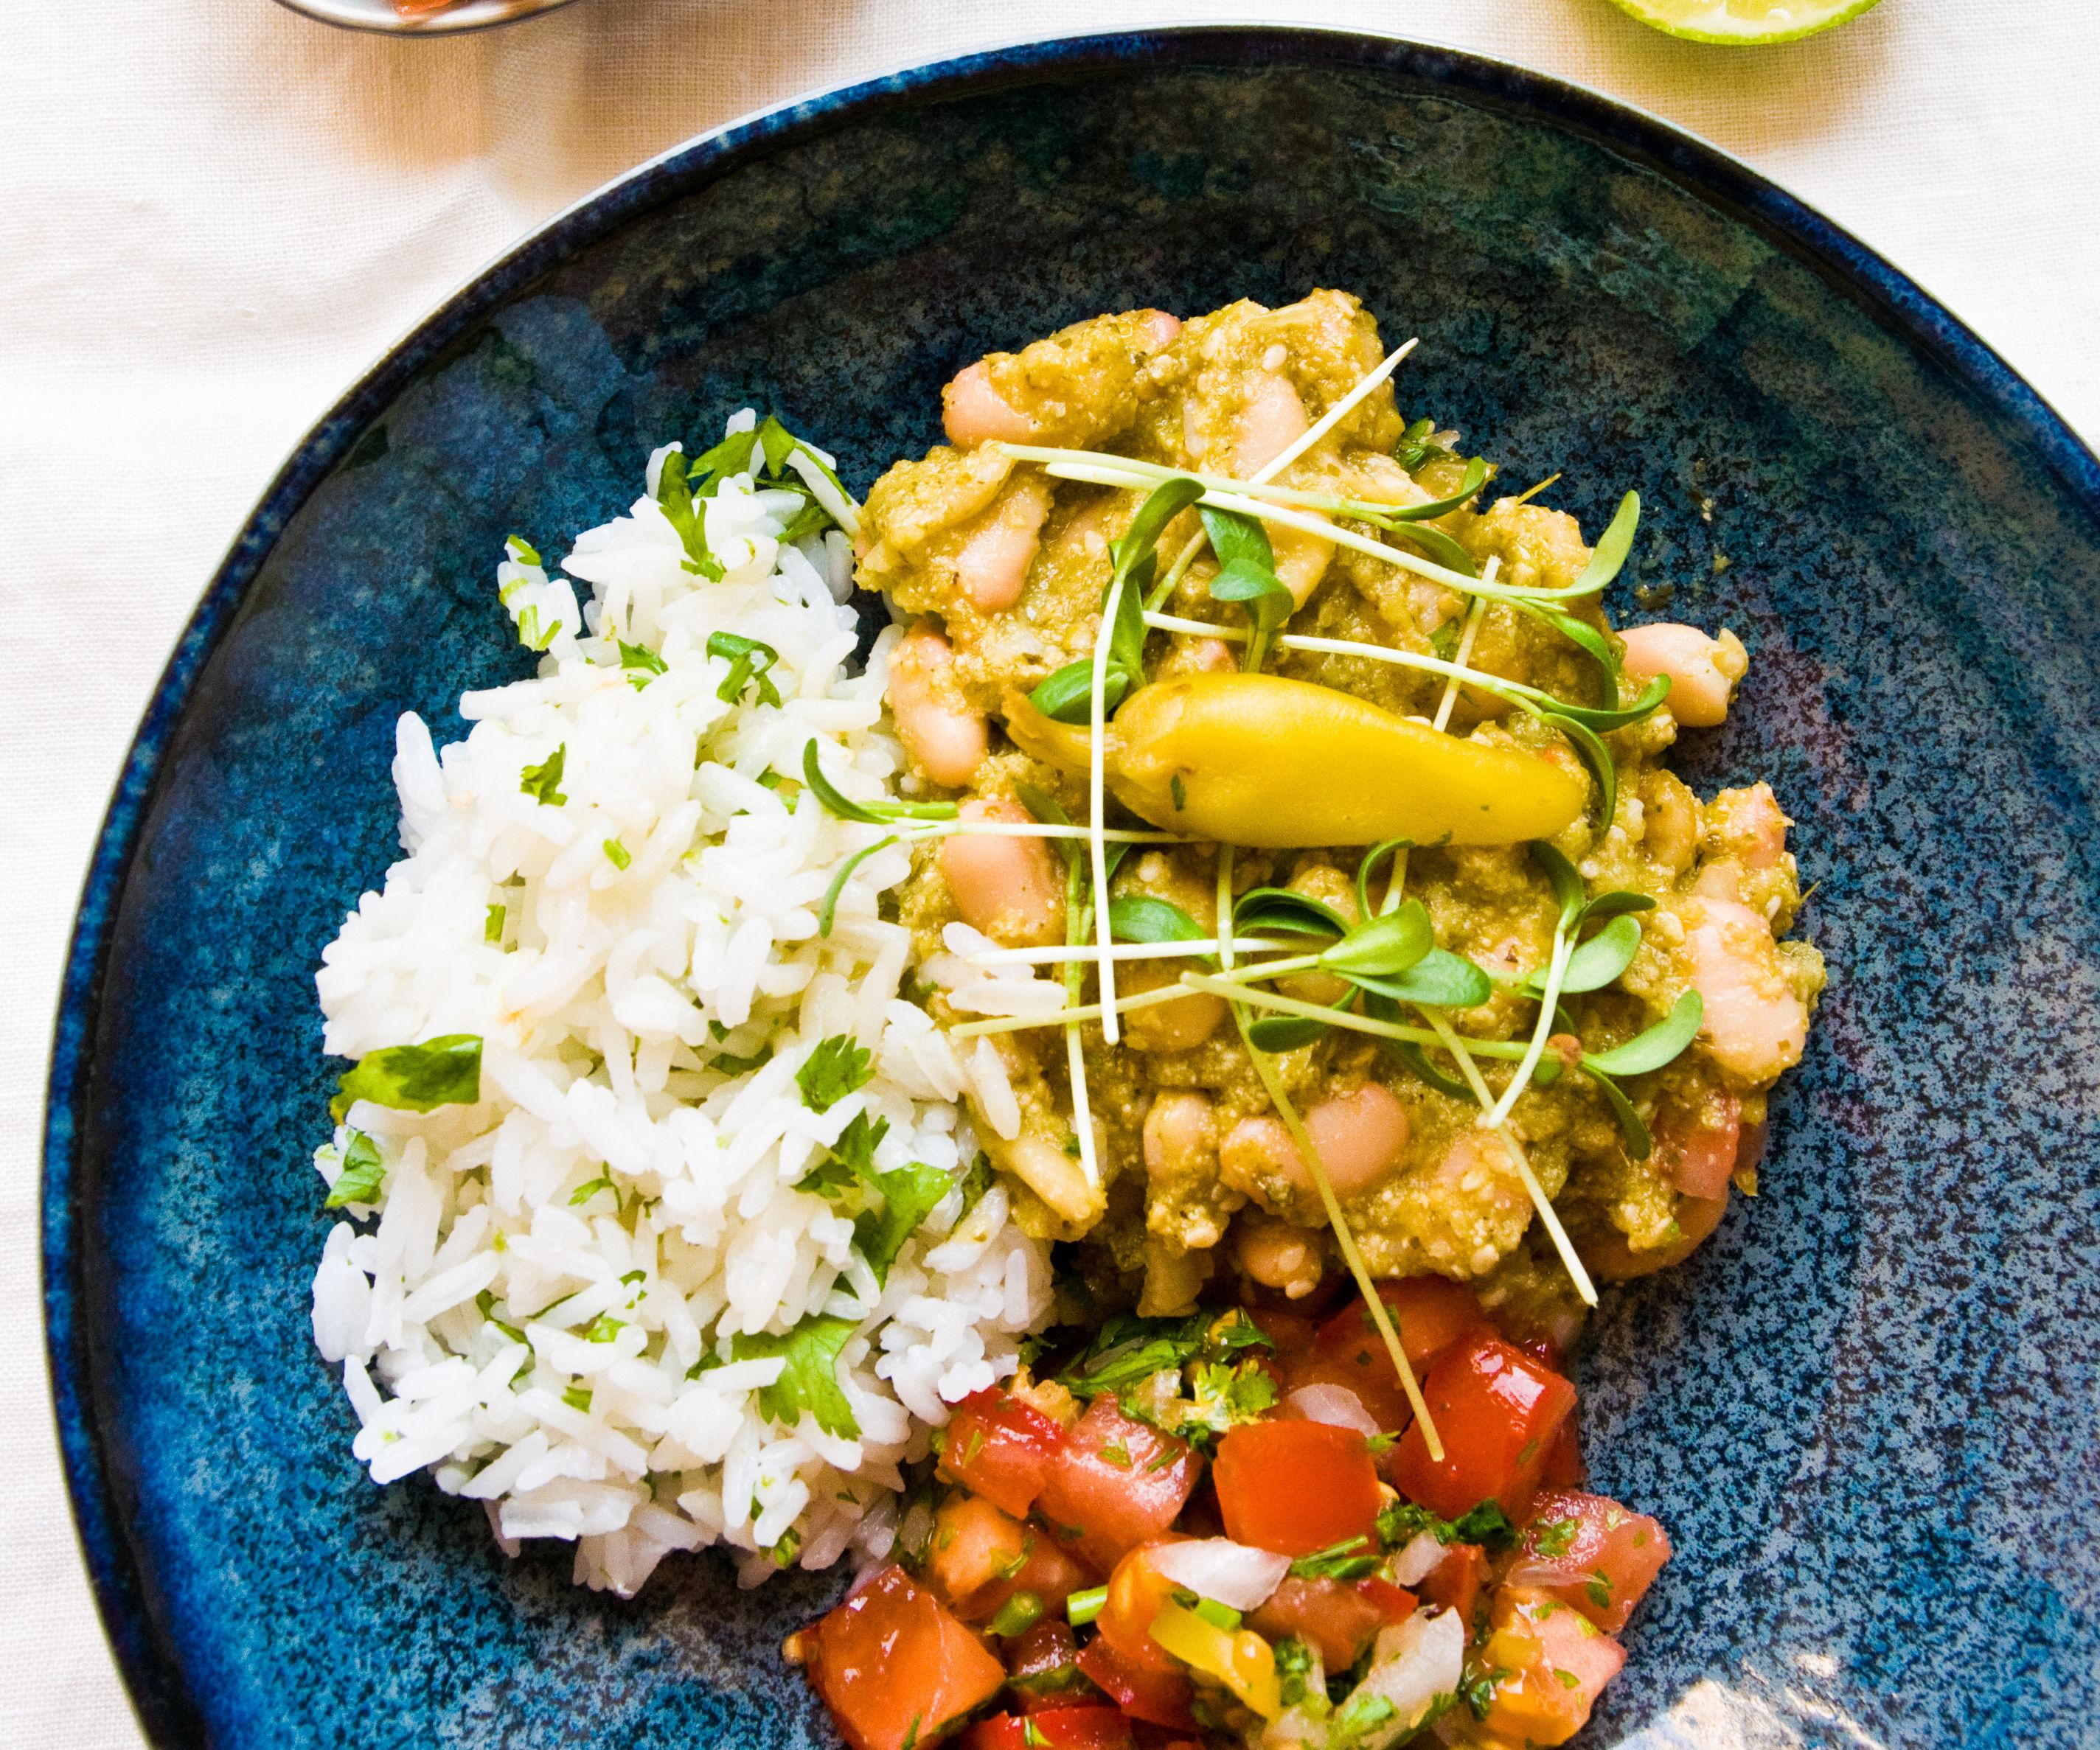 Mexican green mole with beans & pico de gallo